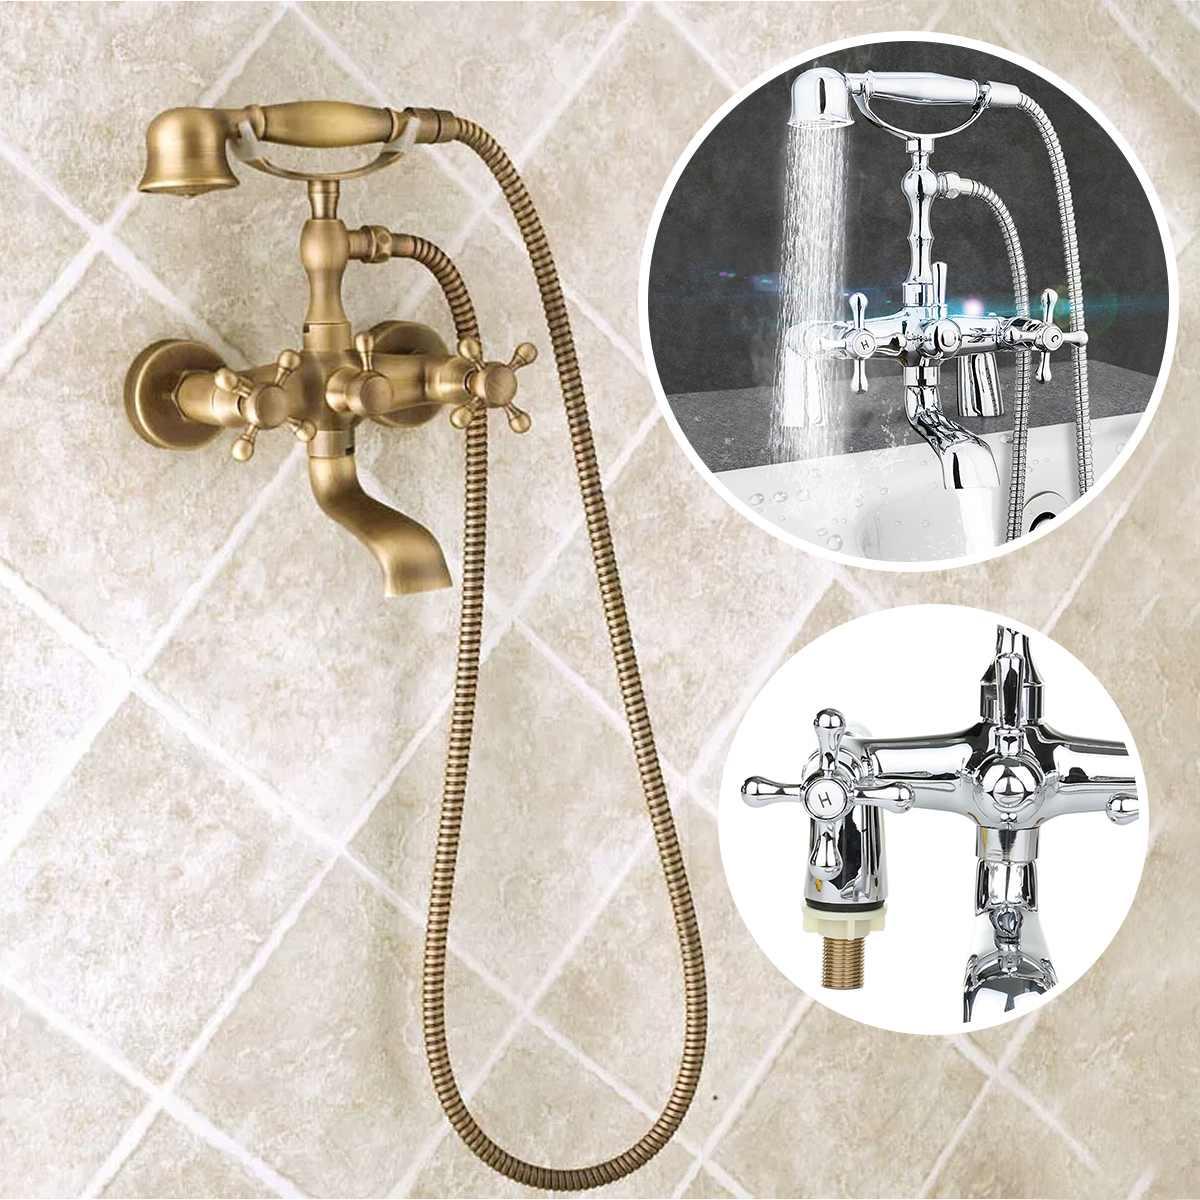 Antique téléphone forme salle de bain baignoire douche ensemble solide en laiton robinet d'eau pomme de douche pulvérisateur à main 1.5 m tuyau bain mélangeur robinet Kits